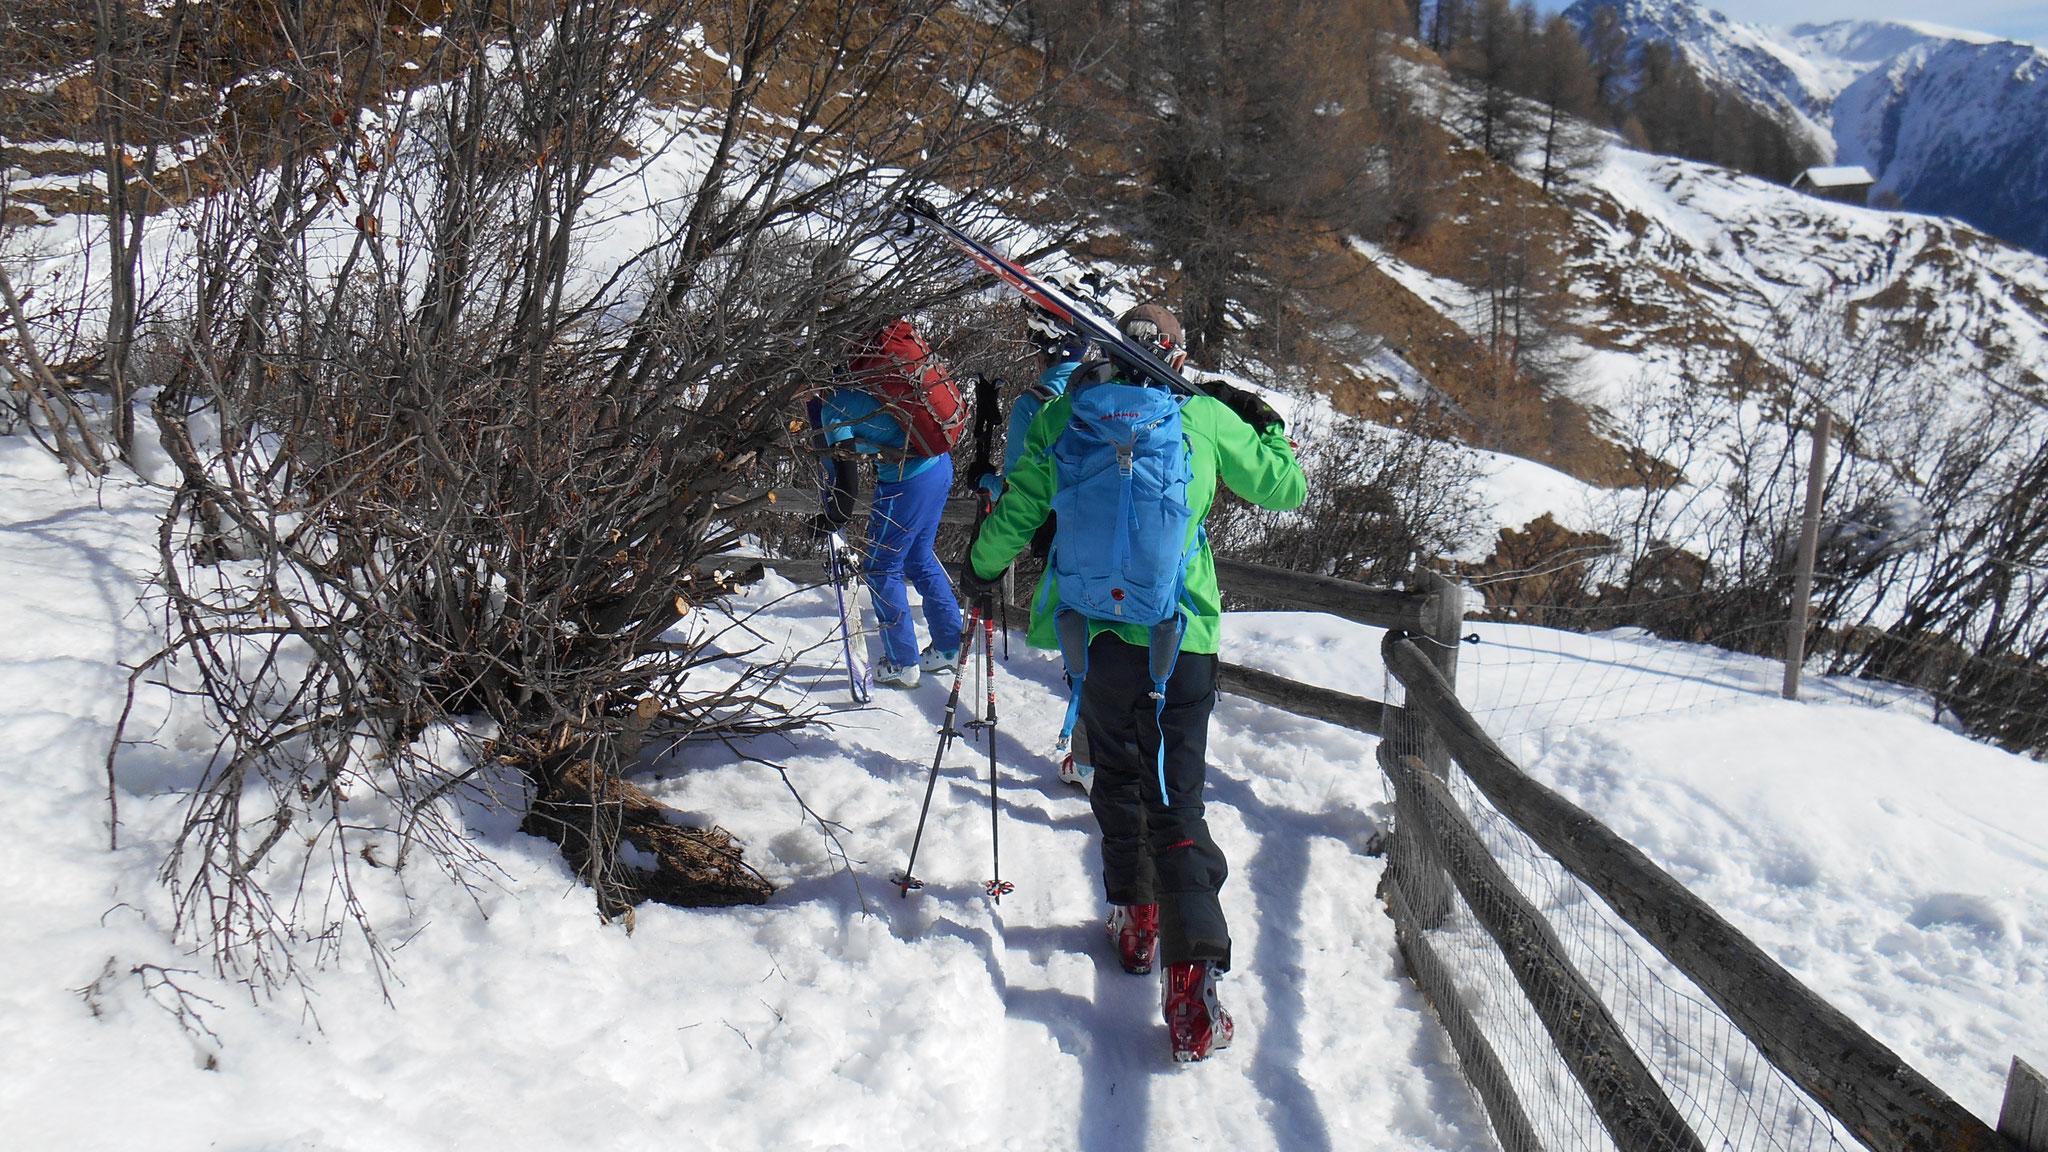 nach dem Klettern heisst's kurz Skier tragen